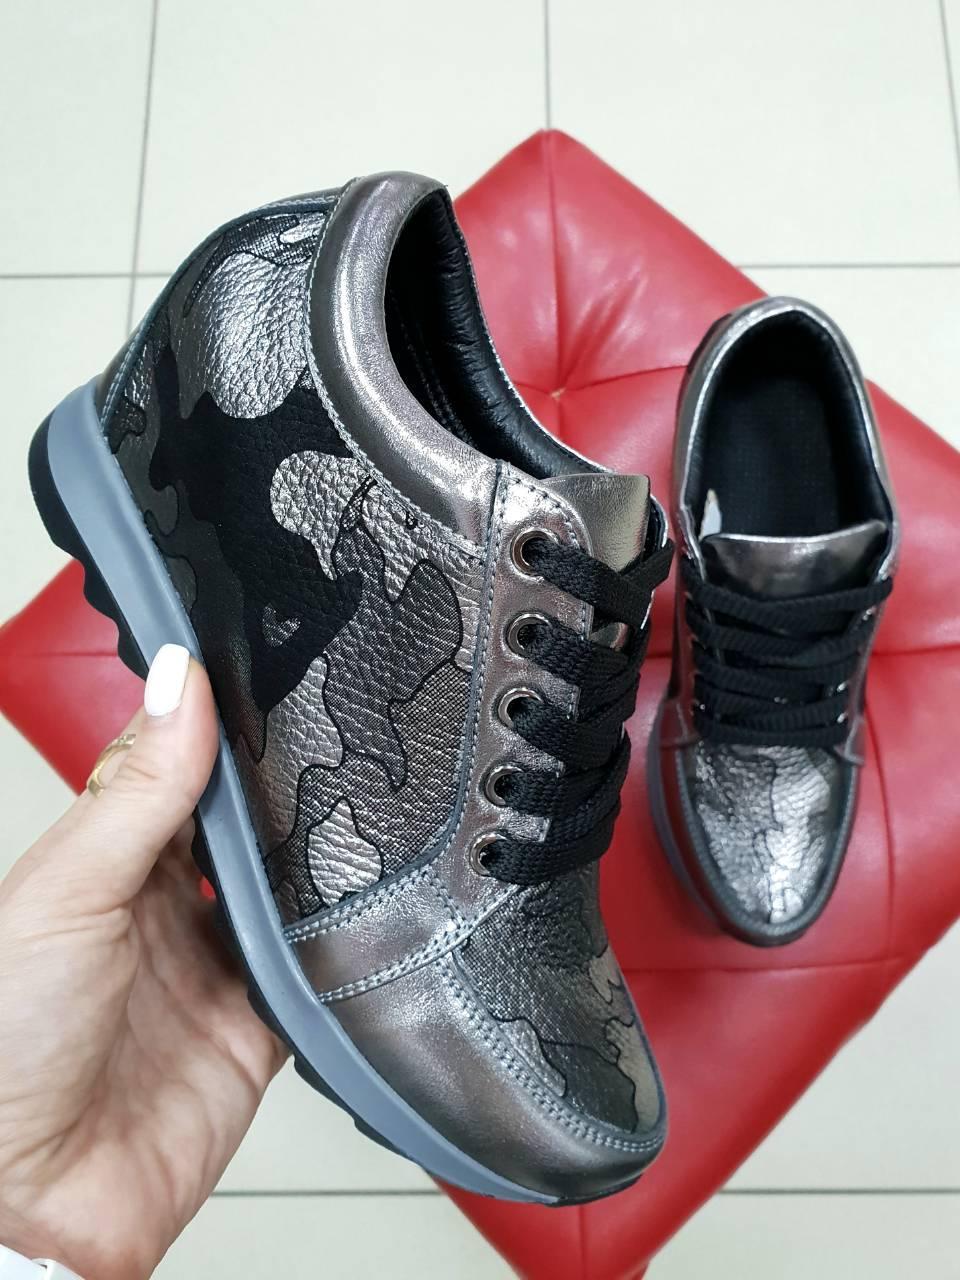 ef8bf9d2 Женские стильные модные кожаные ботинки, сникерсы : продажа, цена в ...